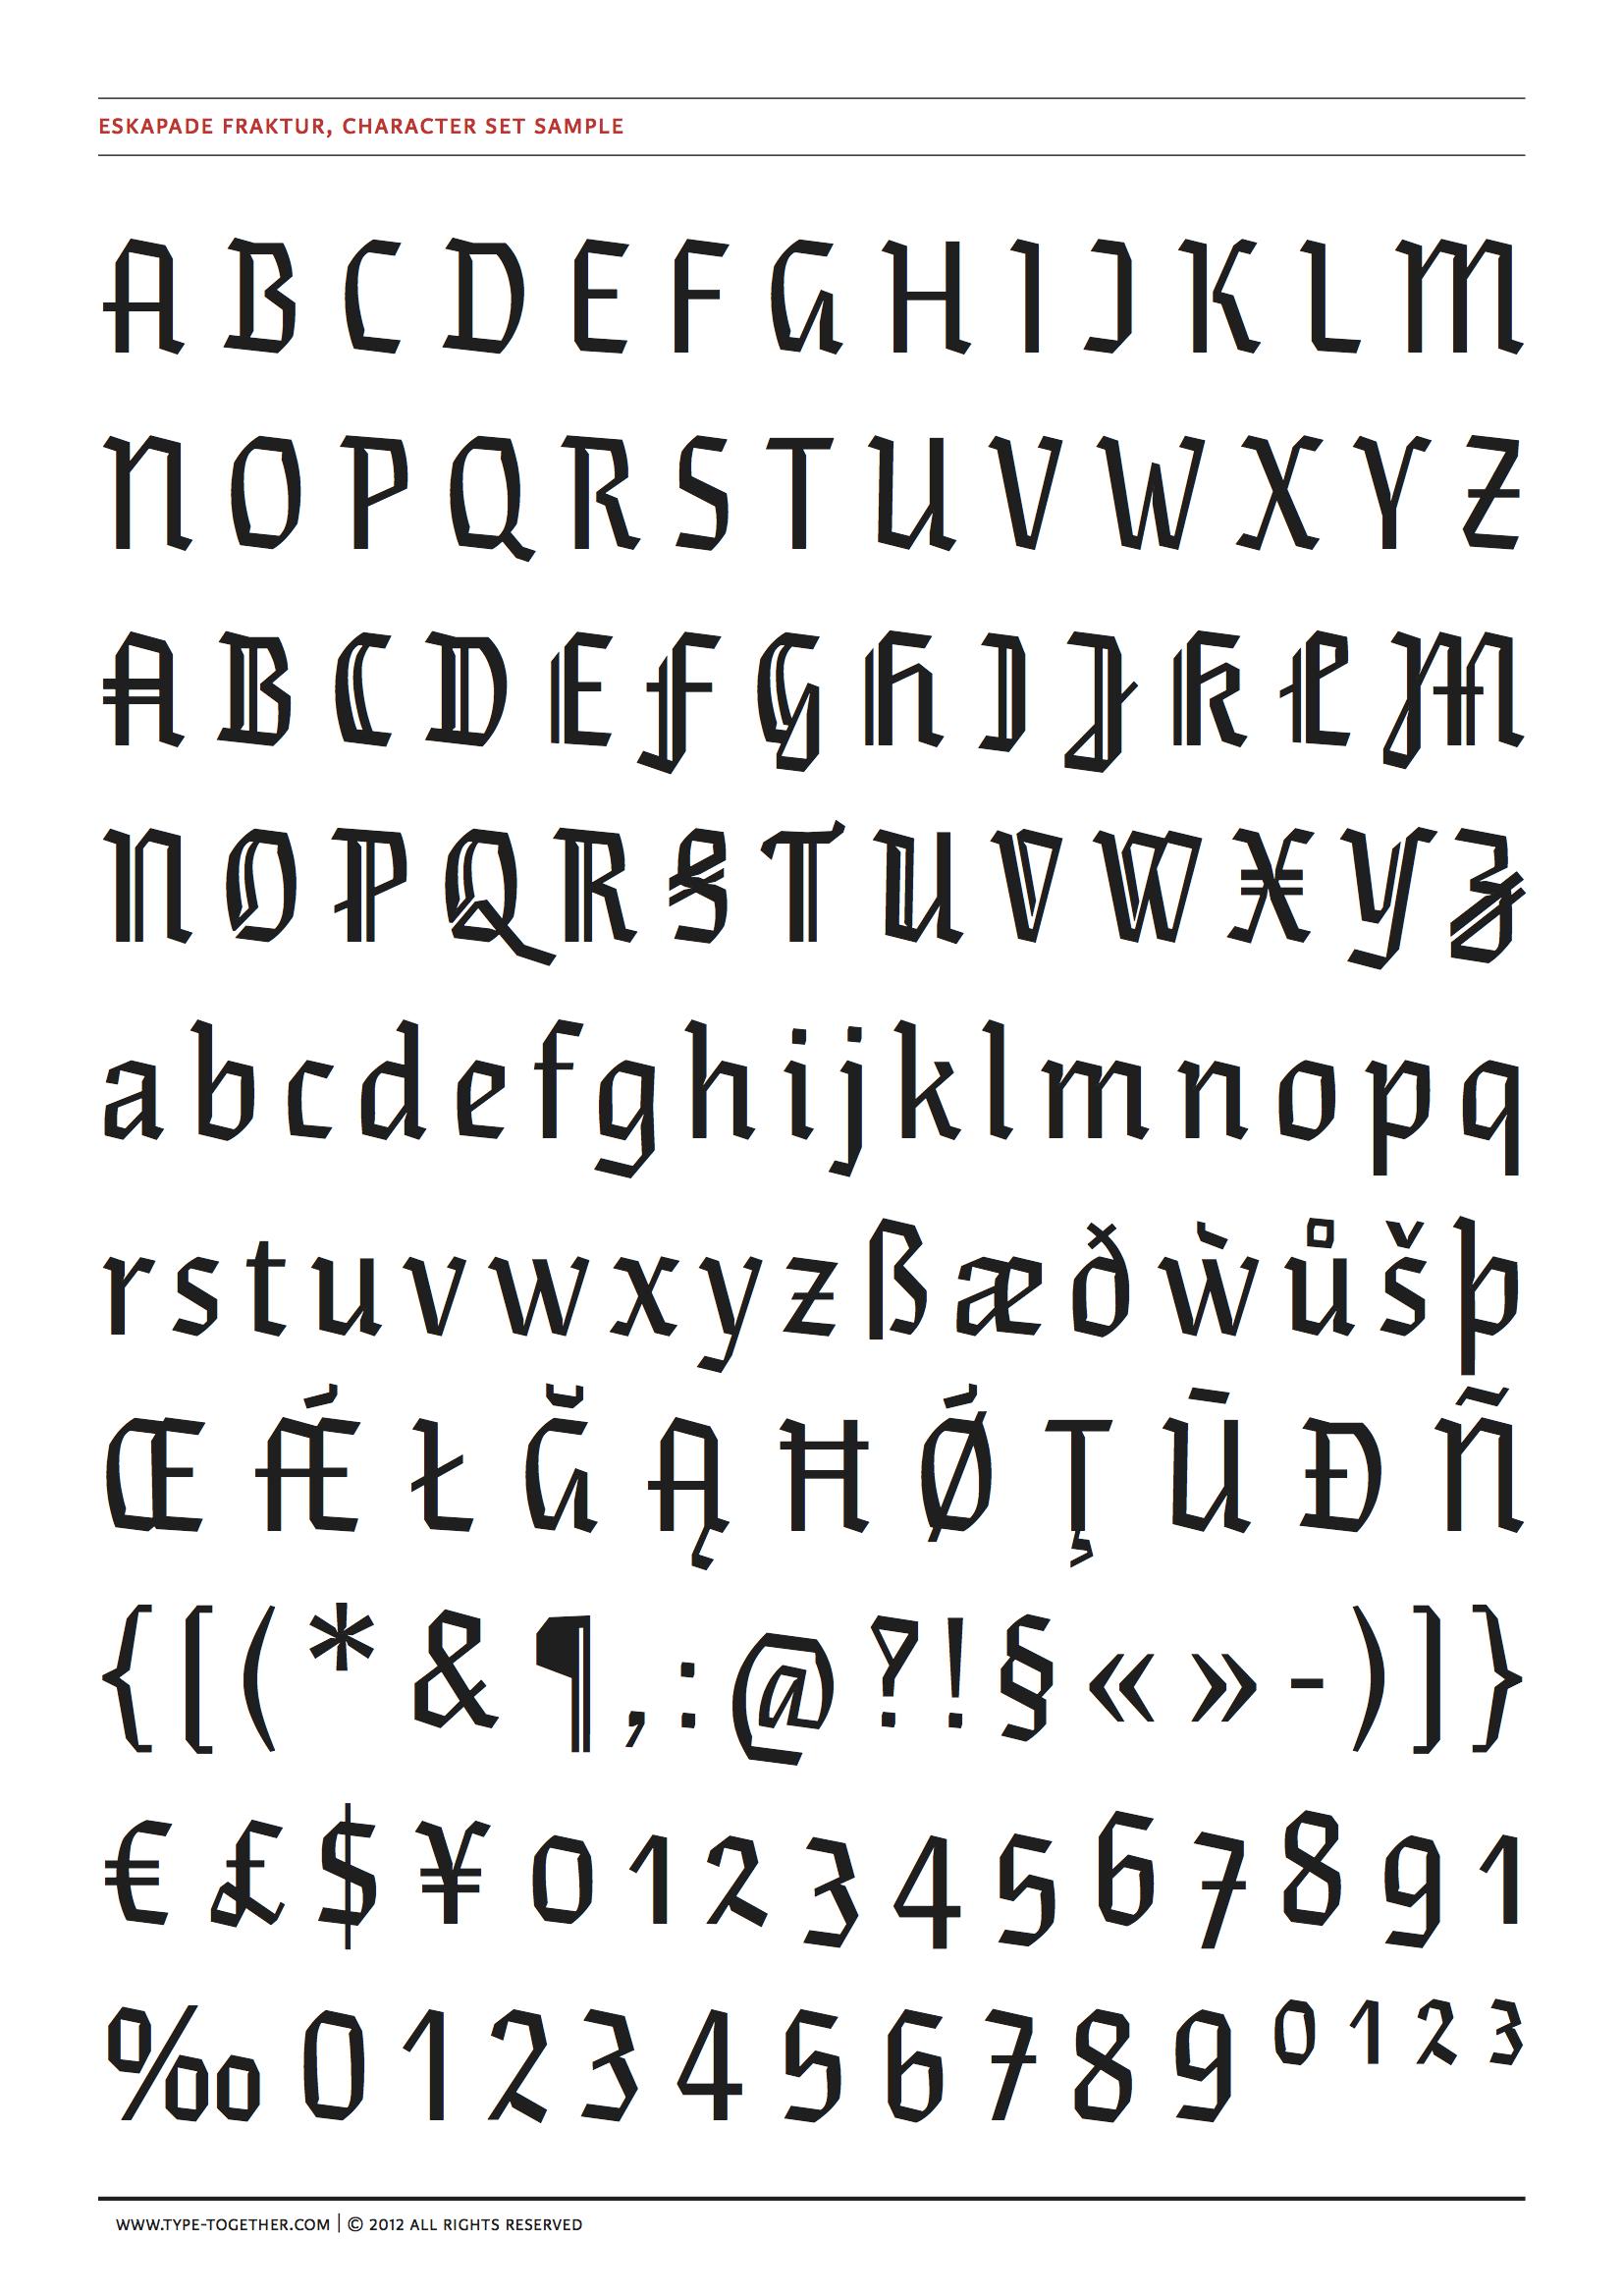 eskapade font